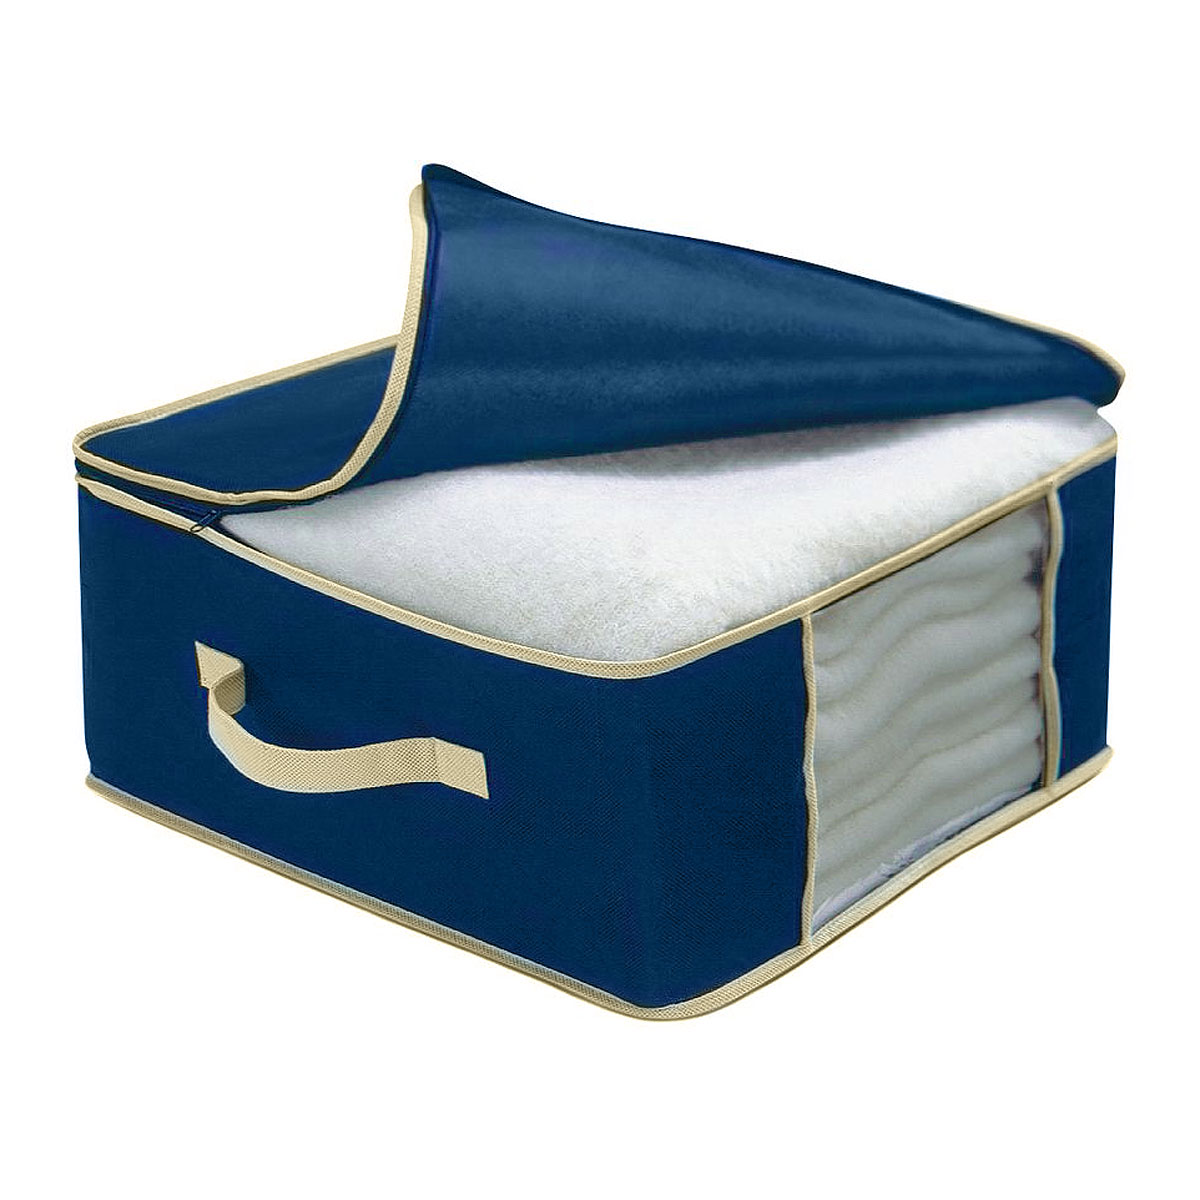 Чехол для одеяла Cosatto, цвет: синий, 45 х 45 х 20 смС360Чехол для одеяла Cosatto изготовлен из дышащего нетканого материала (полипропилена), безопасного в использовании. Подходит для одинарных шерстяных или одинарных пуховых одеял. Имеет прозрачное окно и застежку-молнию по периметру, а также ручку для переноски.